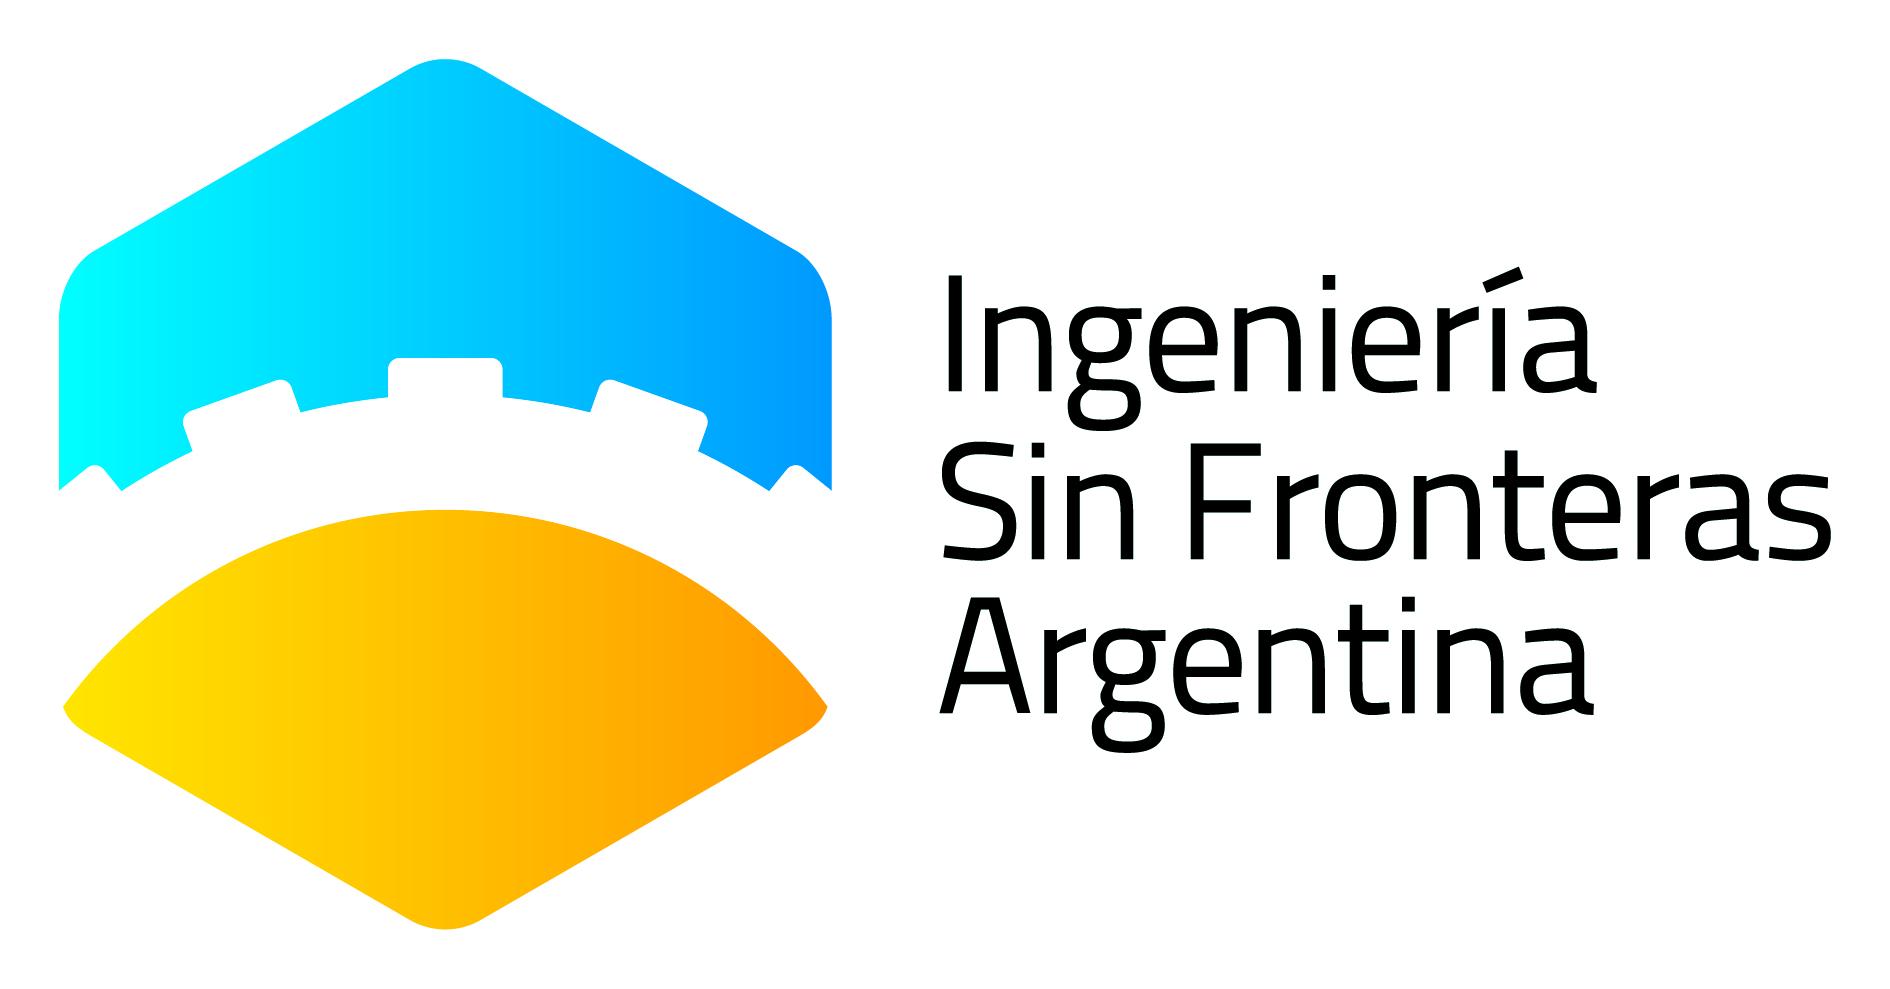 ISF - Asociación Civil Ingeniería Sin Fronteras Argentina